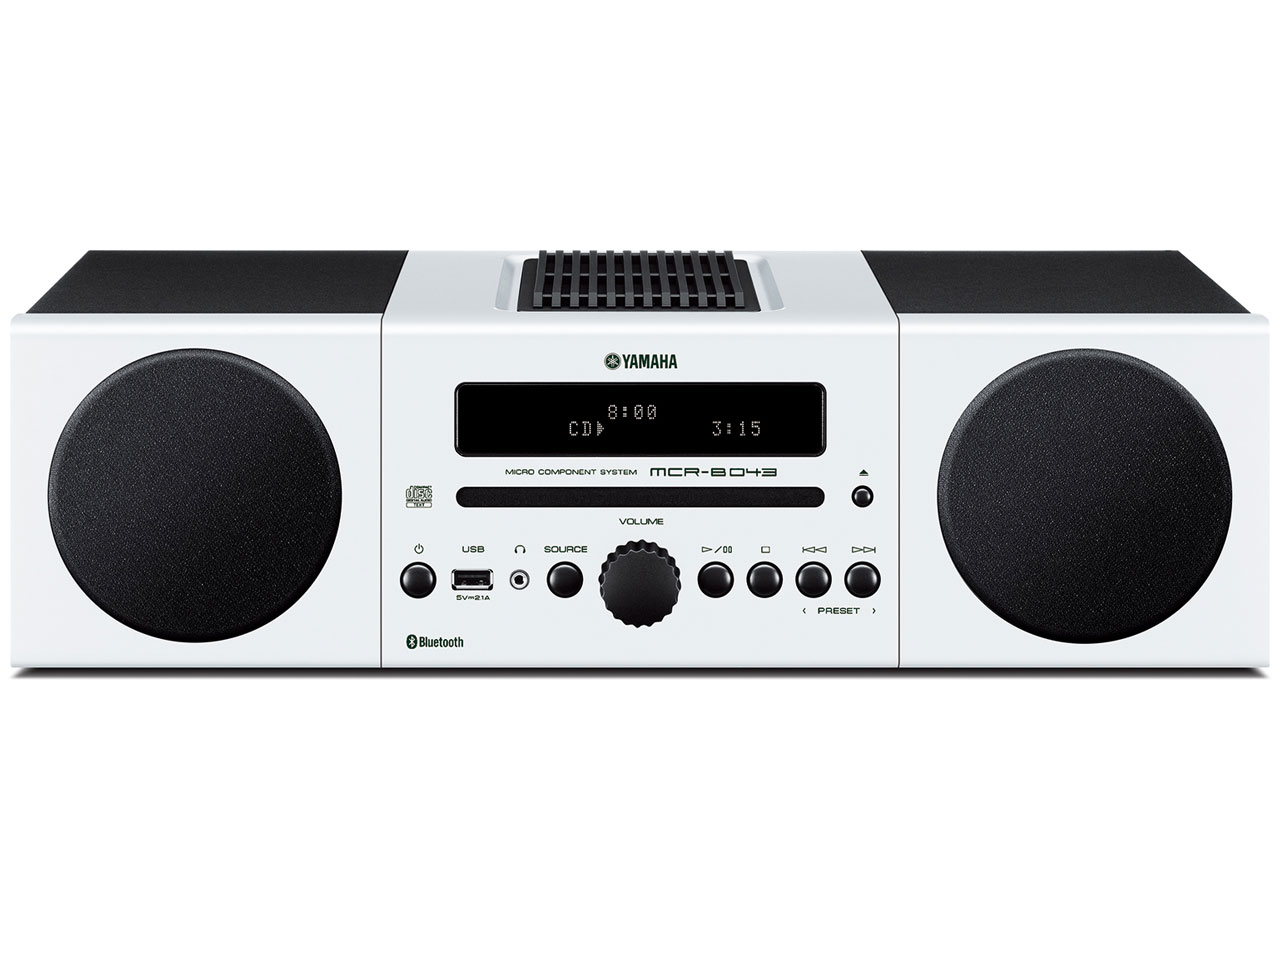 (お取り寄せ)ヤマハ(YAMAHA)Bluetooth対応マイクロコンポーネントシステム MCR-B043(W)ホワイト(長期安心保証対象商品)